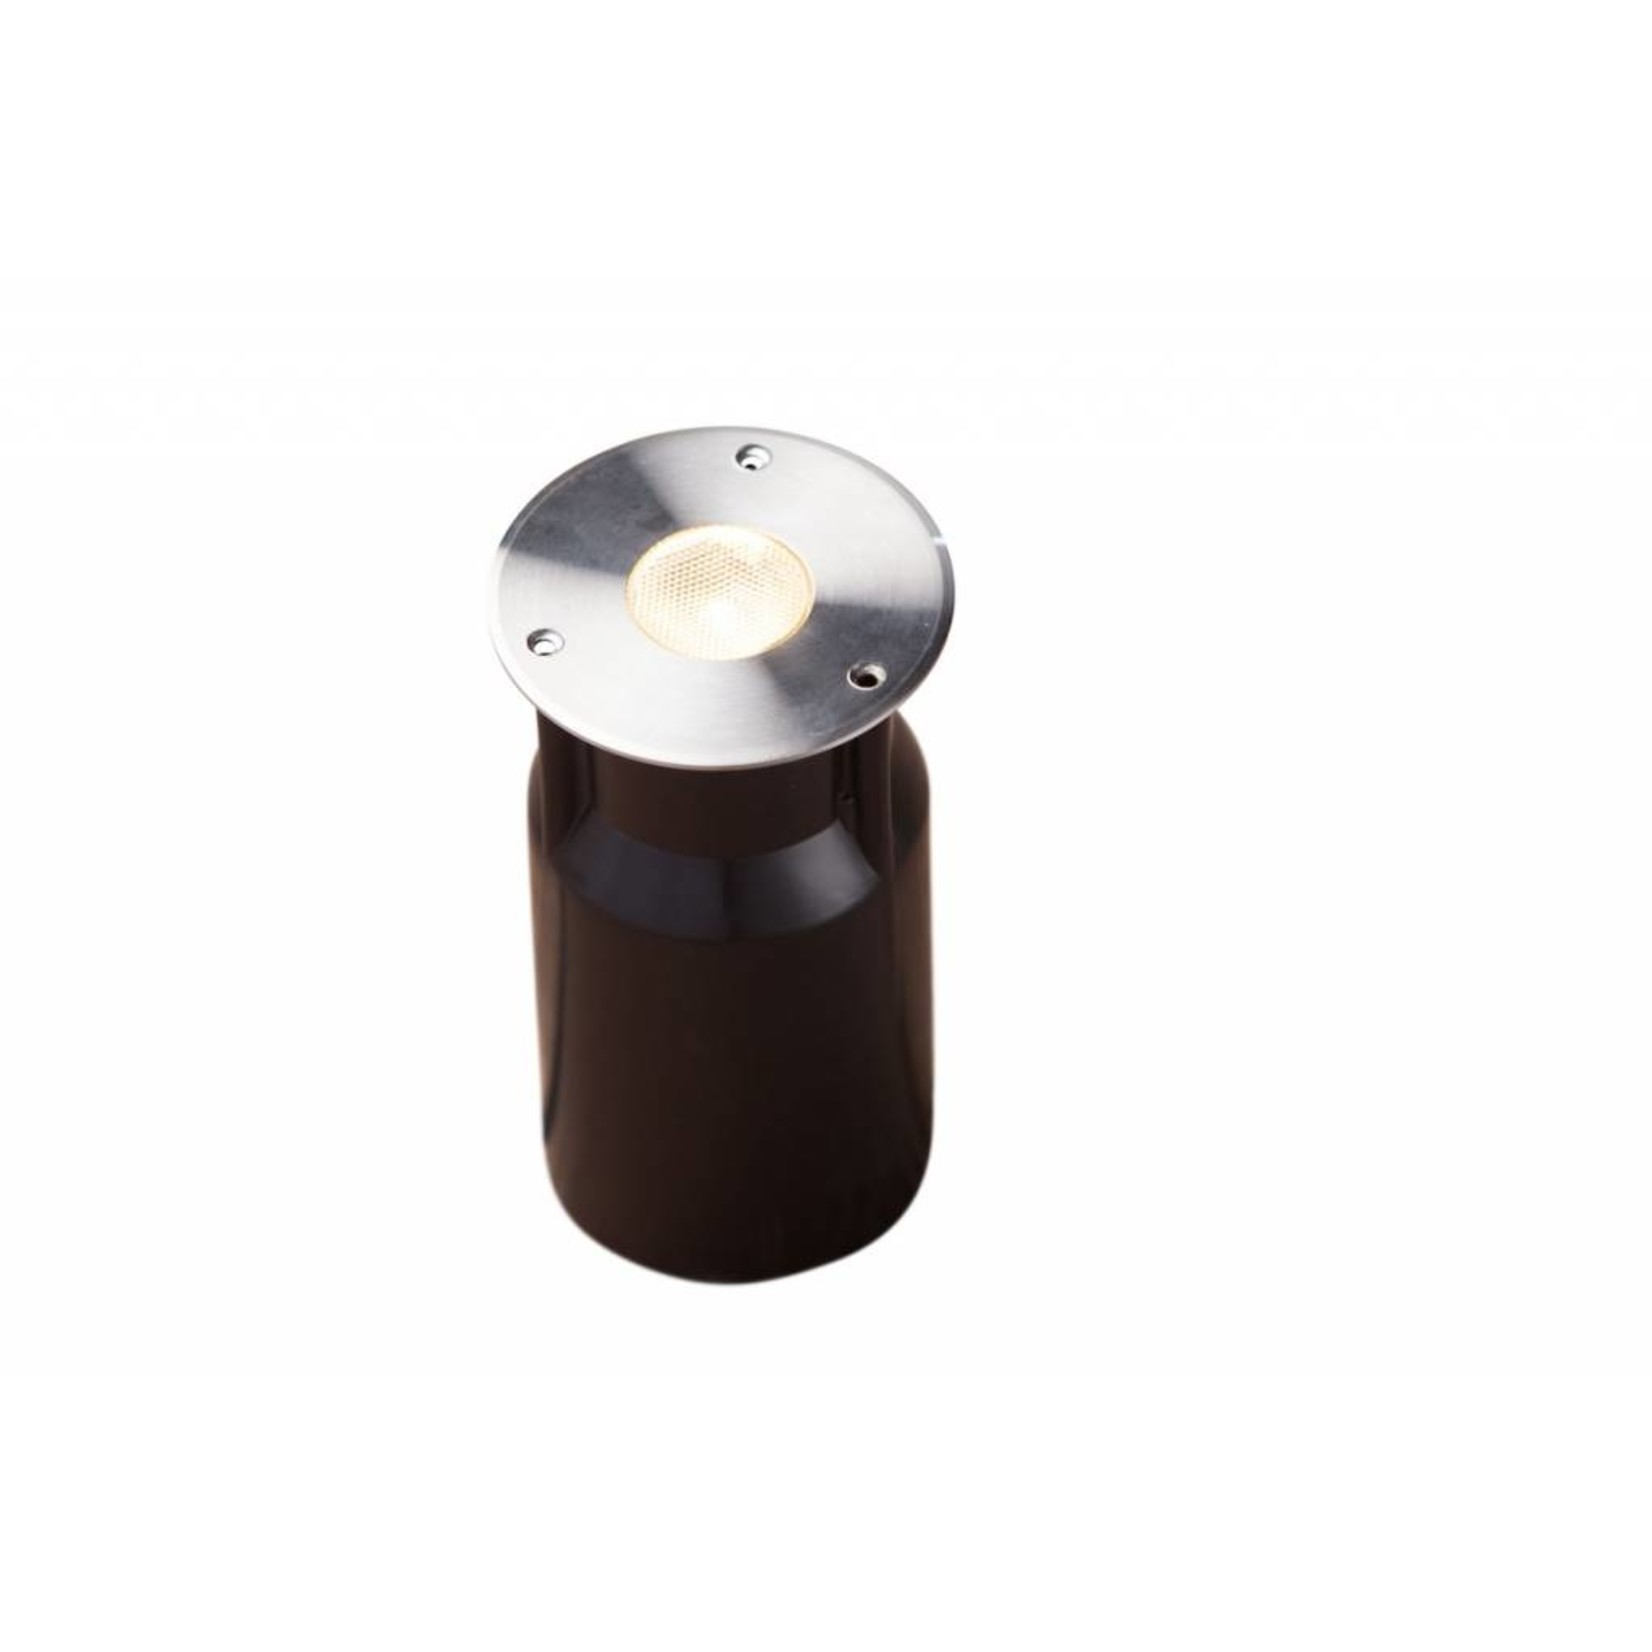 Heissner Smart Light vlonderverlichting 3W warm wit RVS